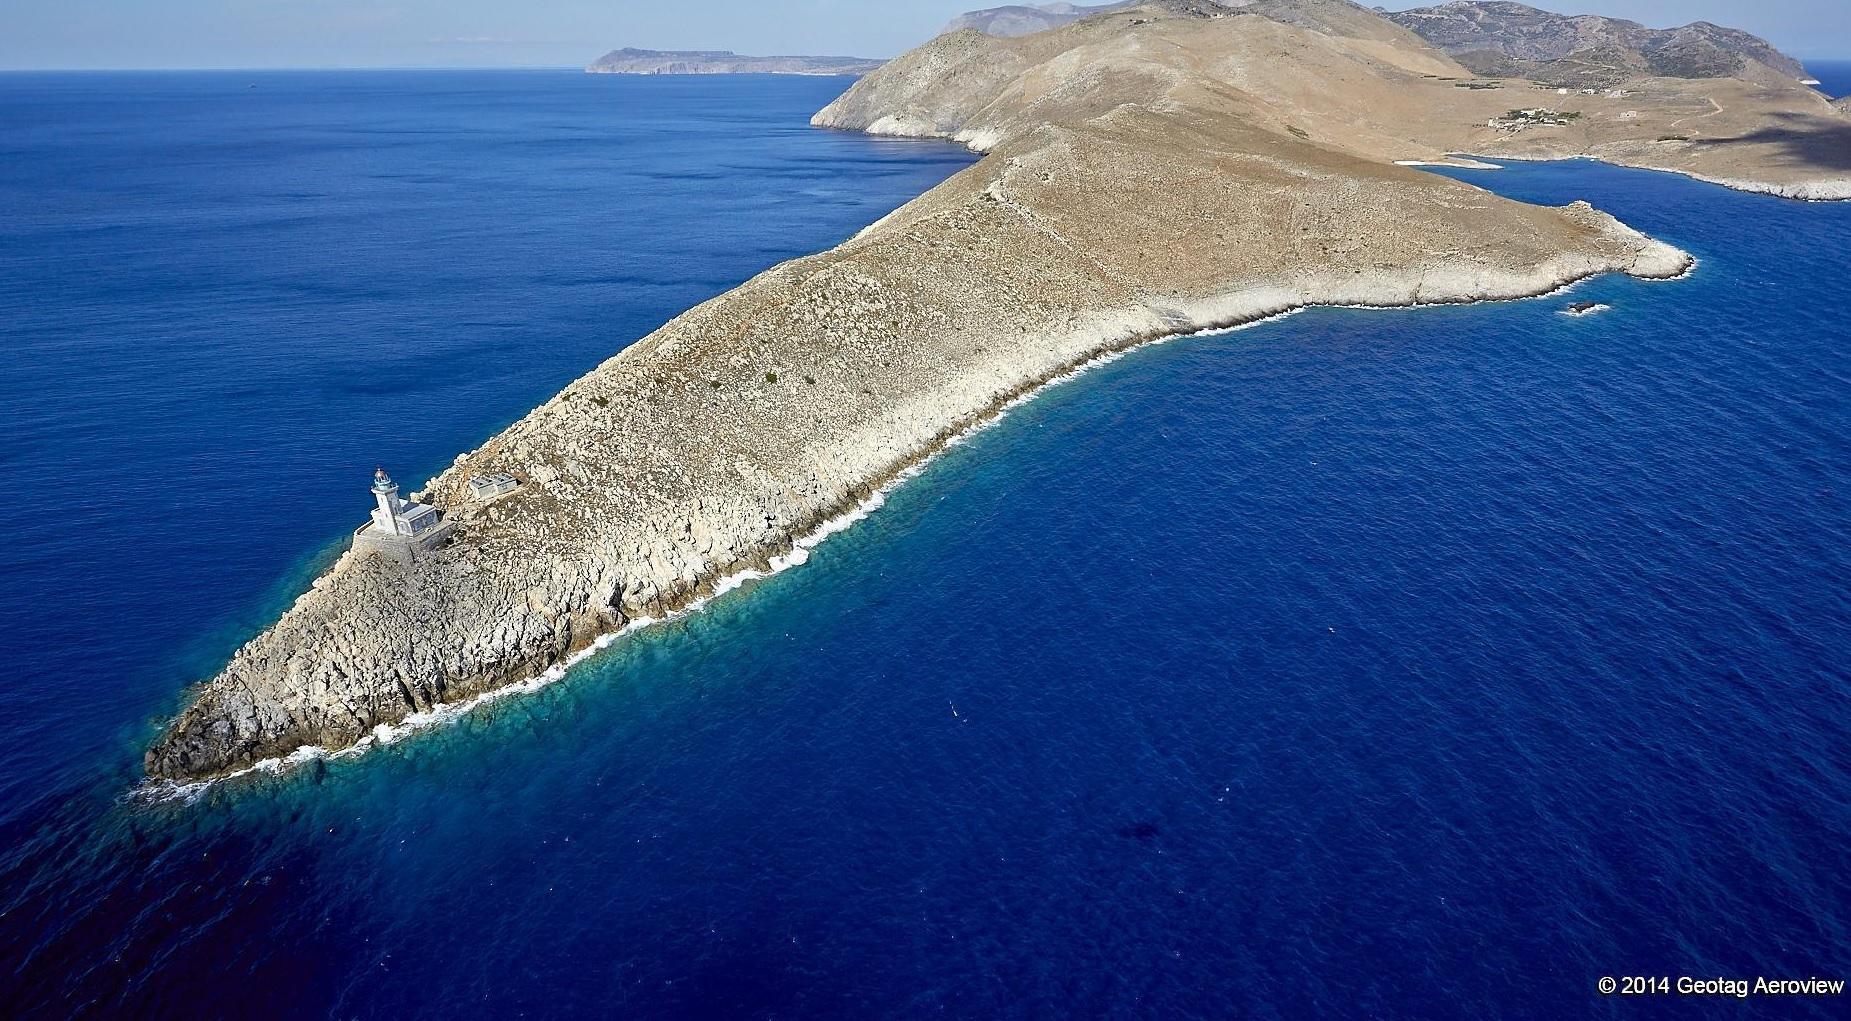 Maják na Cape Of Tenaro je nejjižnějším bodem pevninského Řecka a druhým nejjižnějším bodem Evropy!